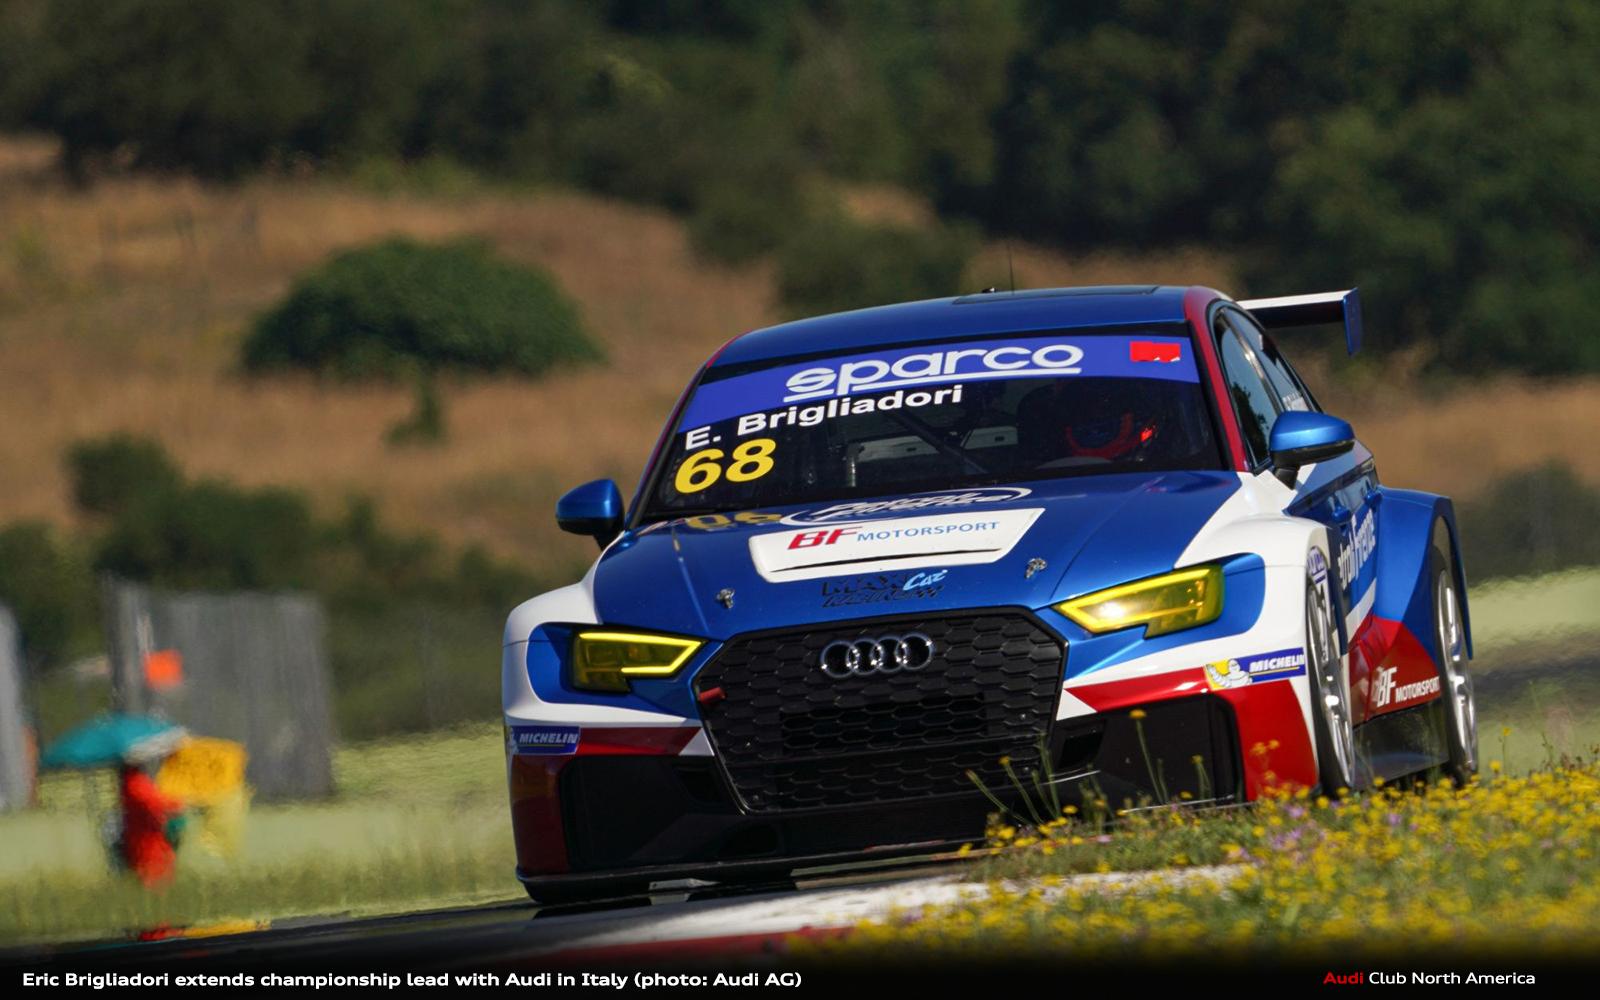 Eric Brigliadori Extends Championship Lead with Audi in Italy